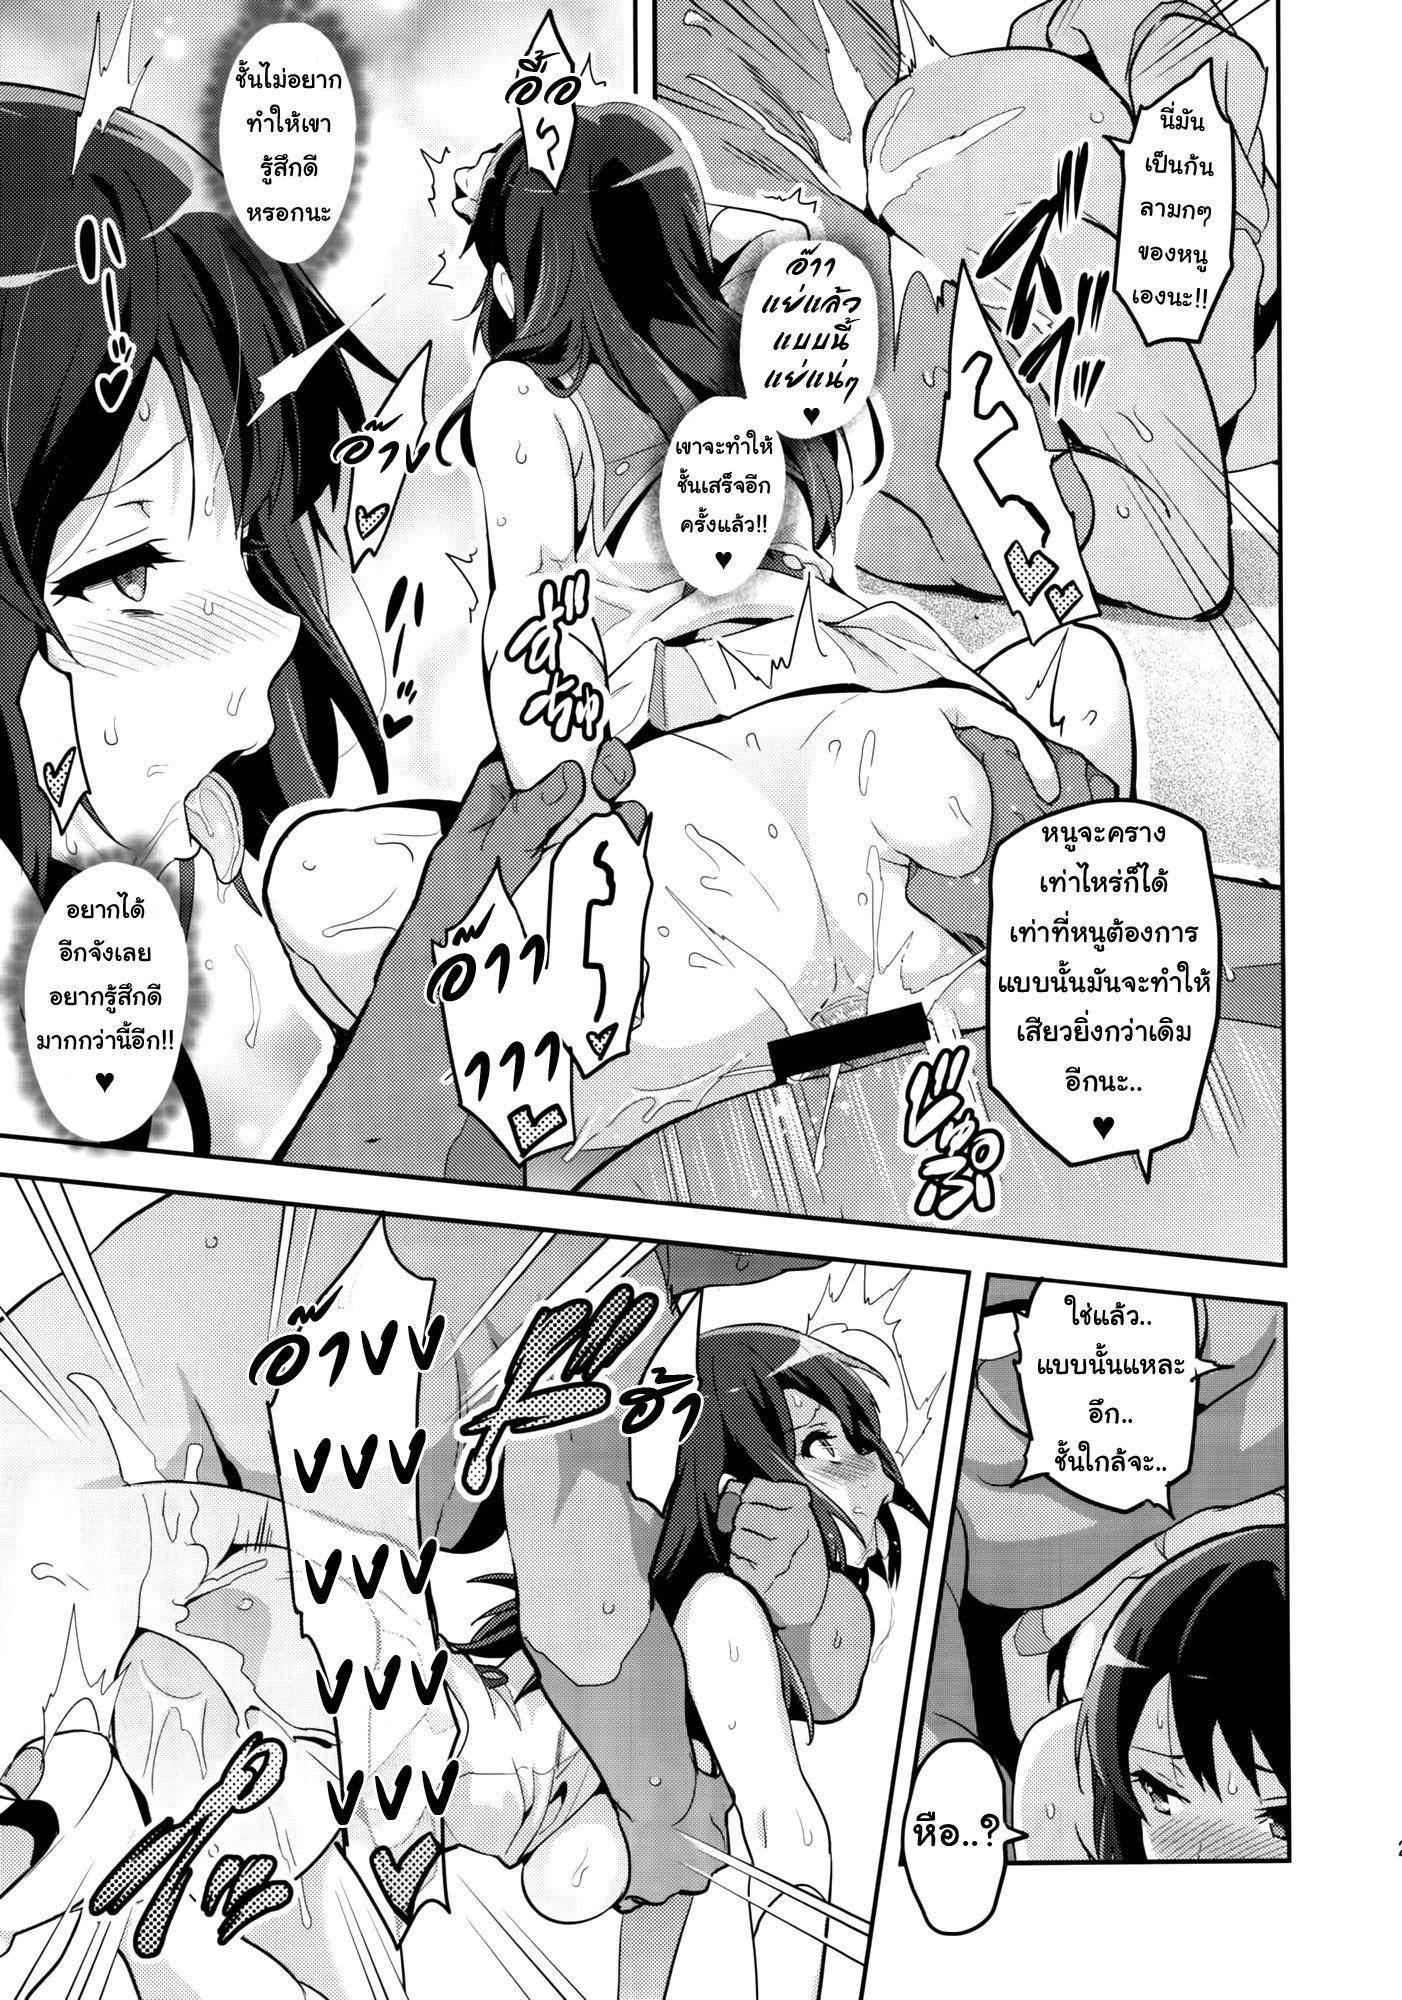 แค่อยากเป็นคนพิเศษ (C88) [Shinjugai (Takeda Hiromitsu)] Reitama (Hibike! Euphonium) ภาพ 23